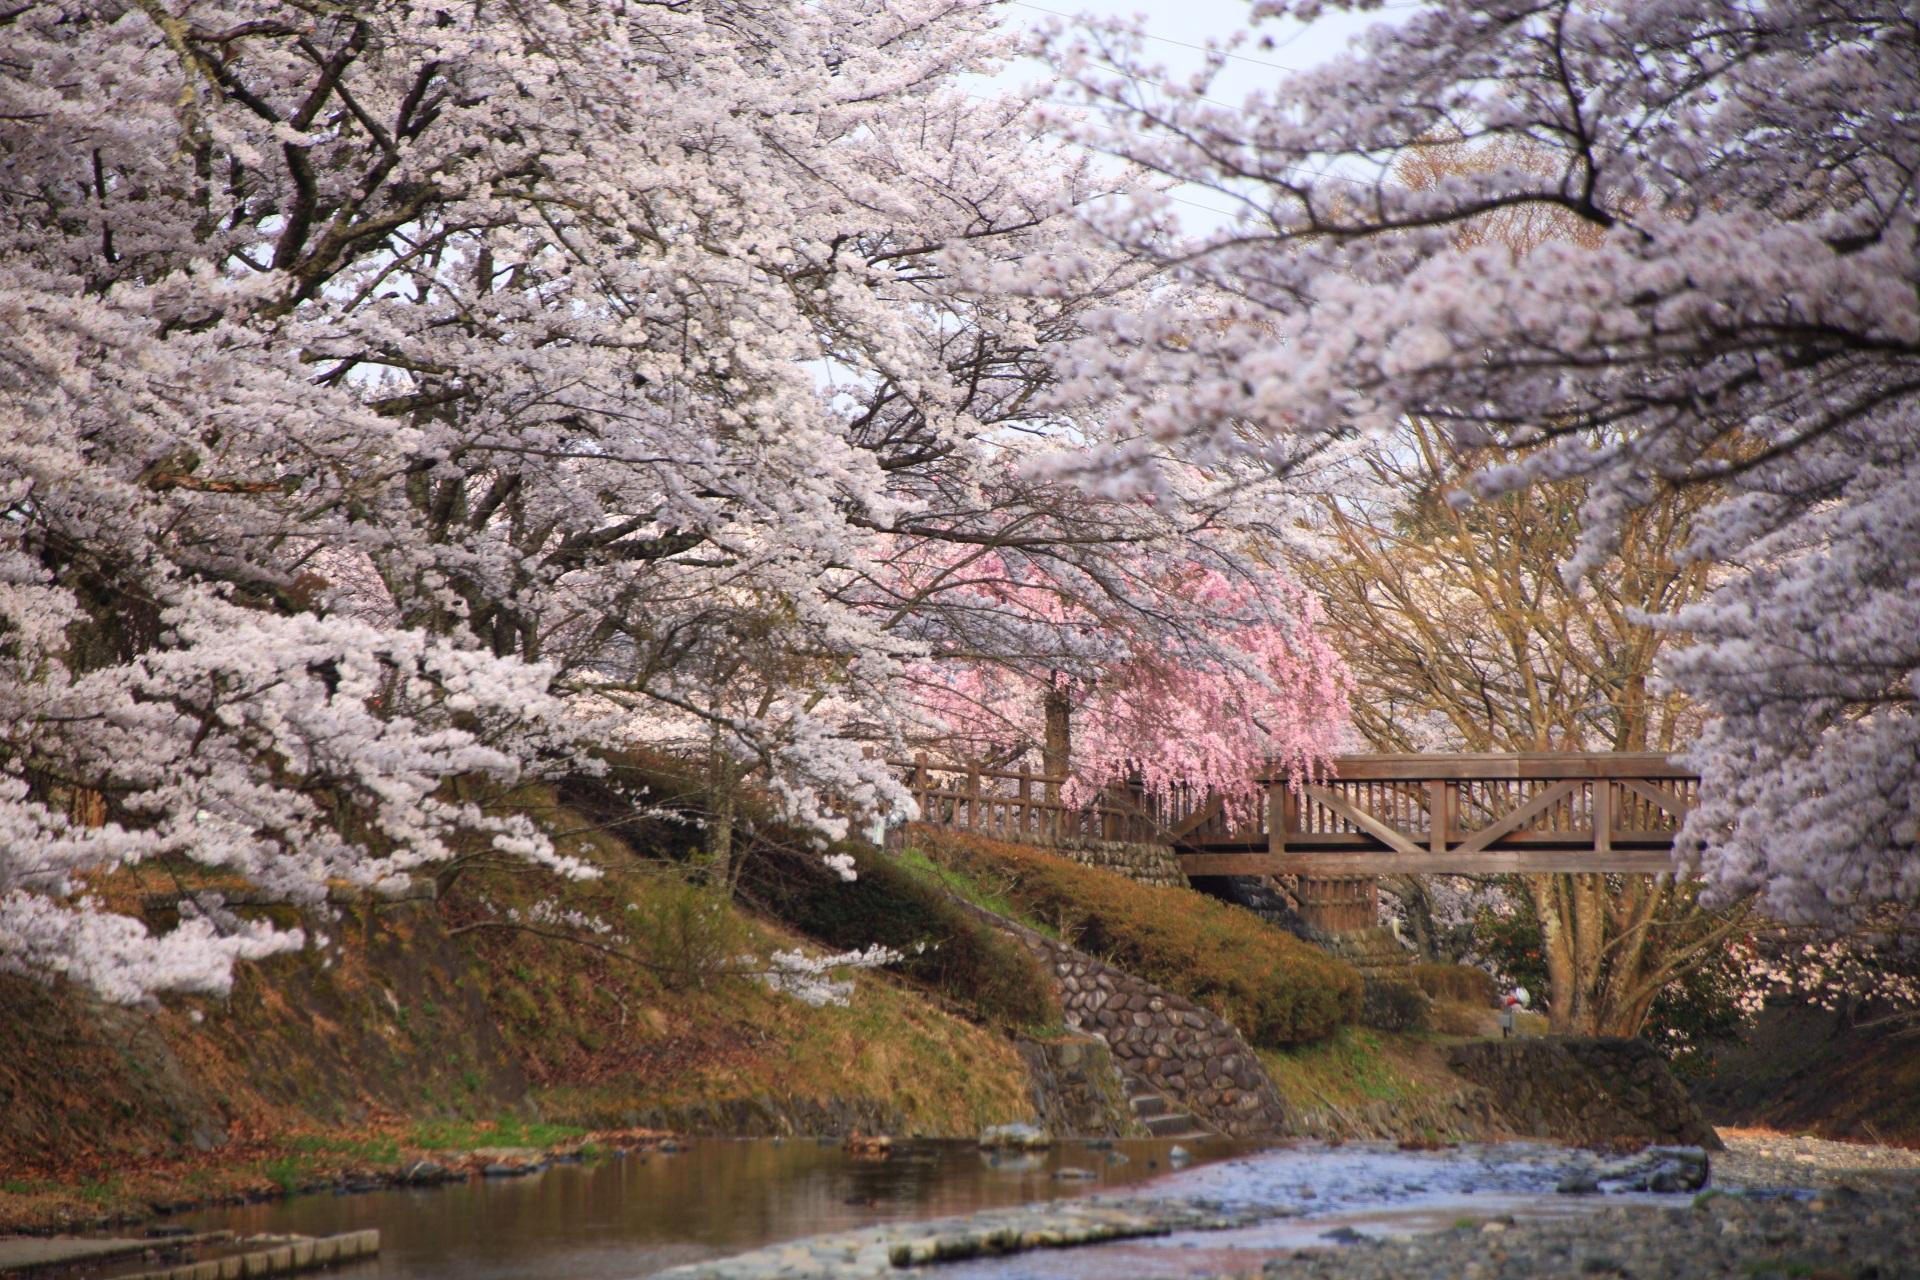 七谷川の水辺を華やぐ弾けんばかりの桜